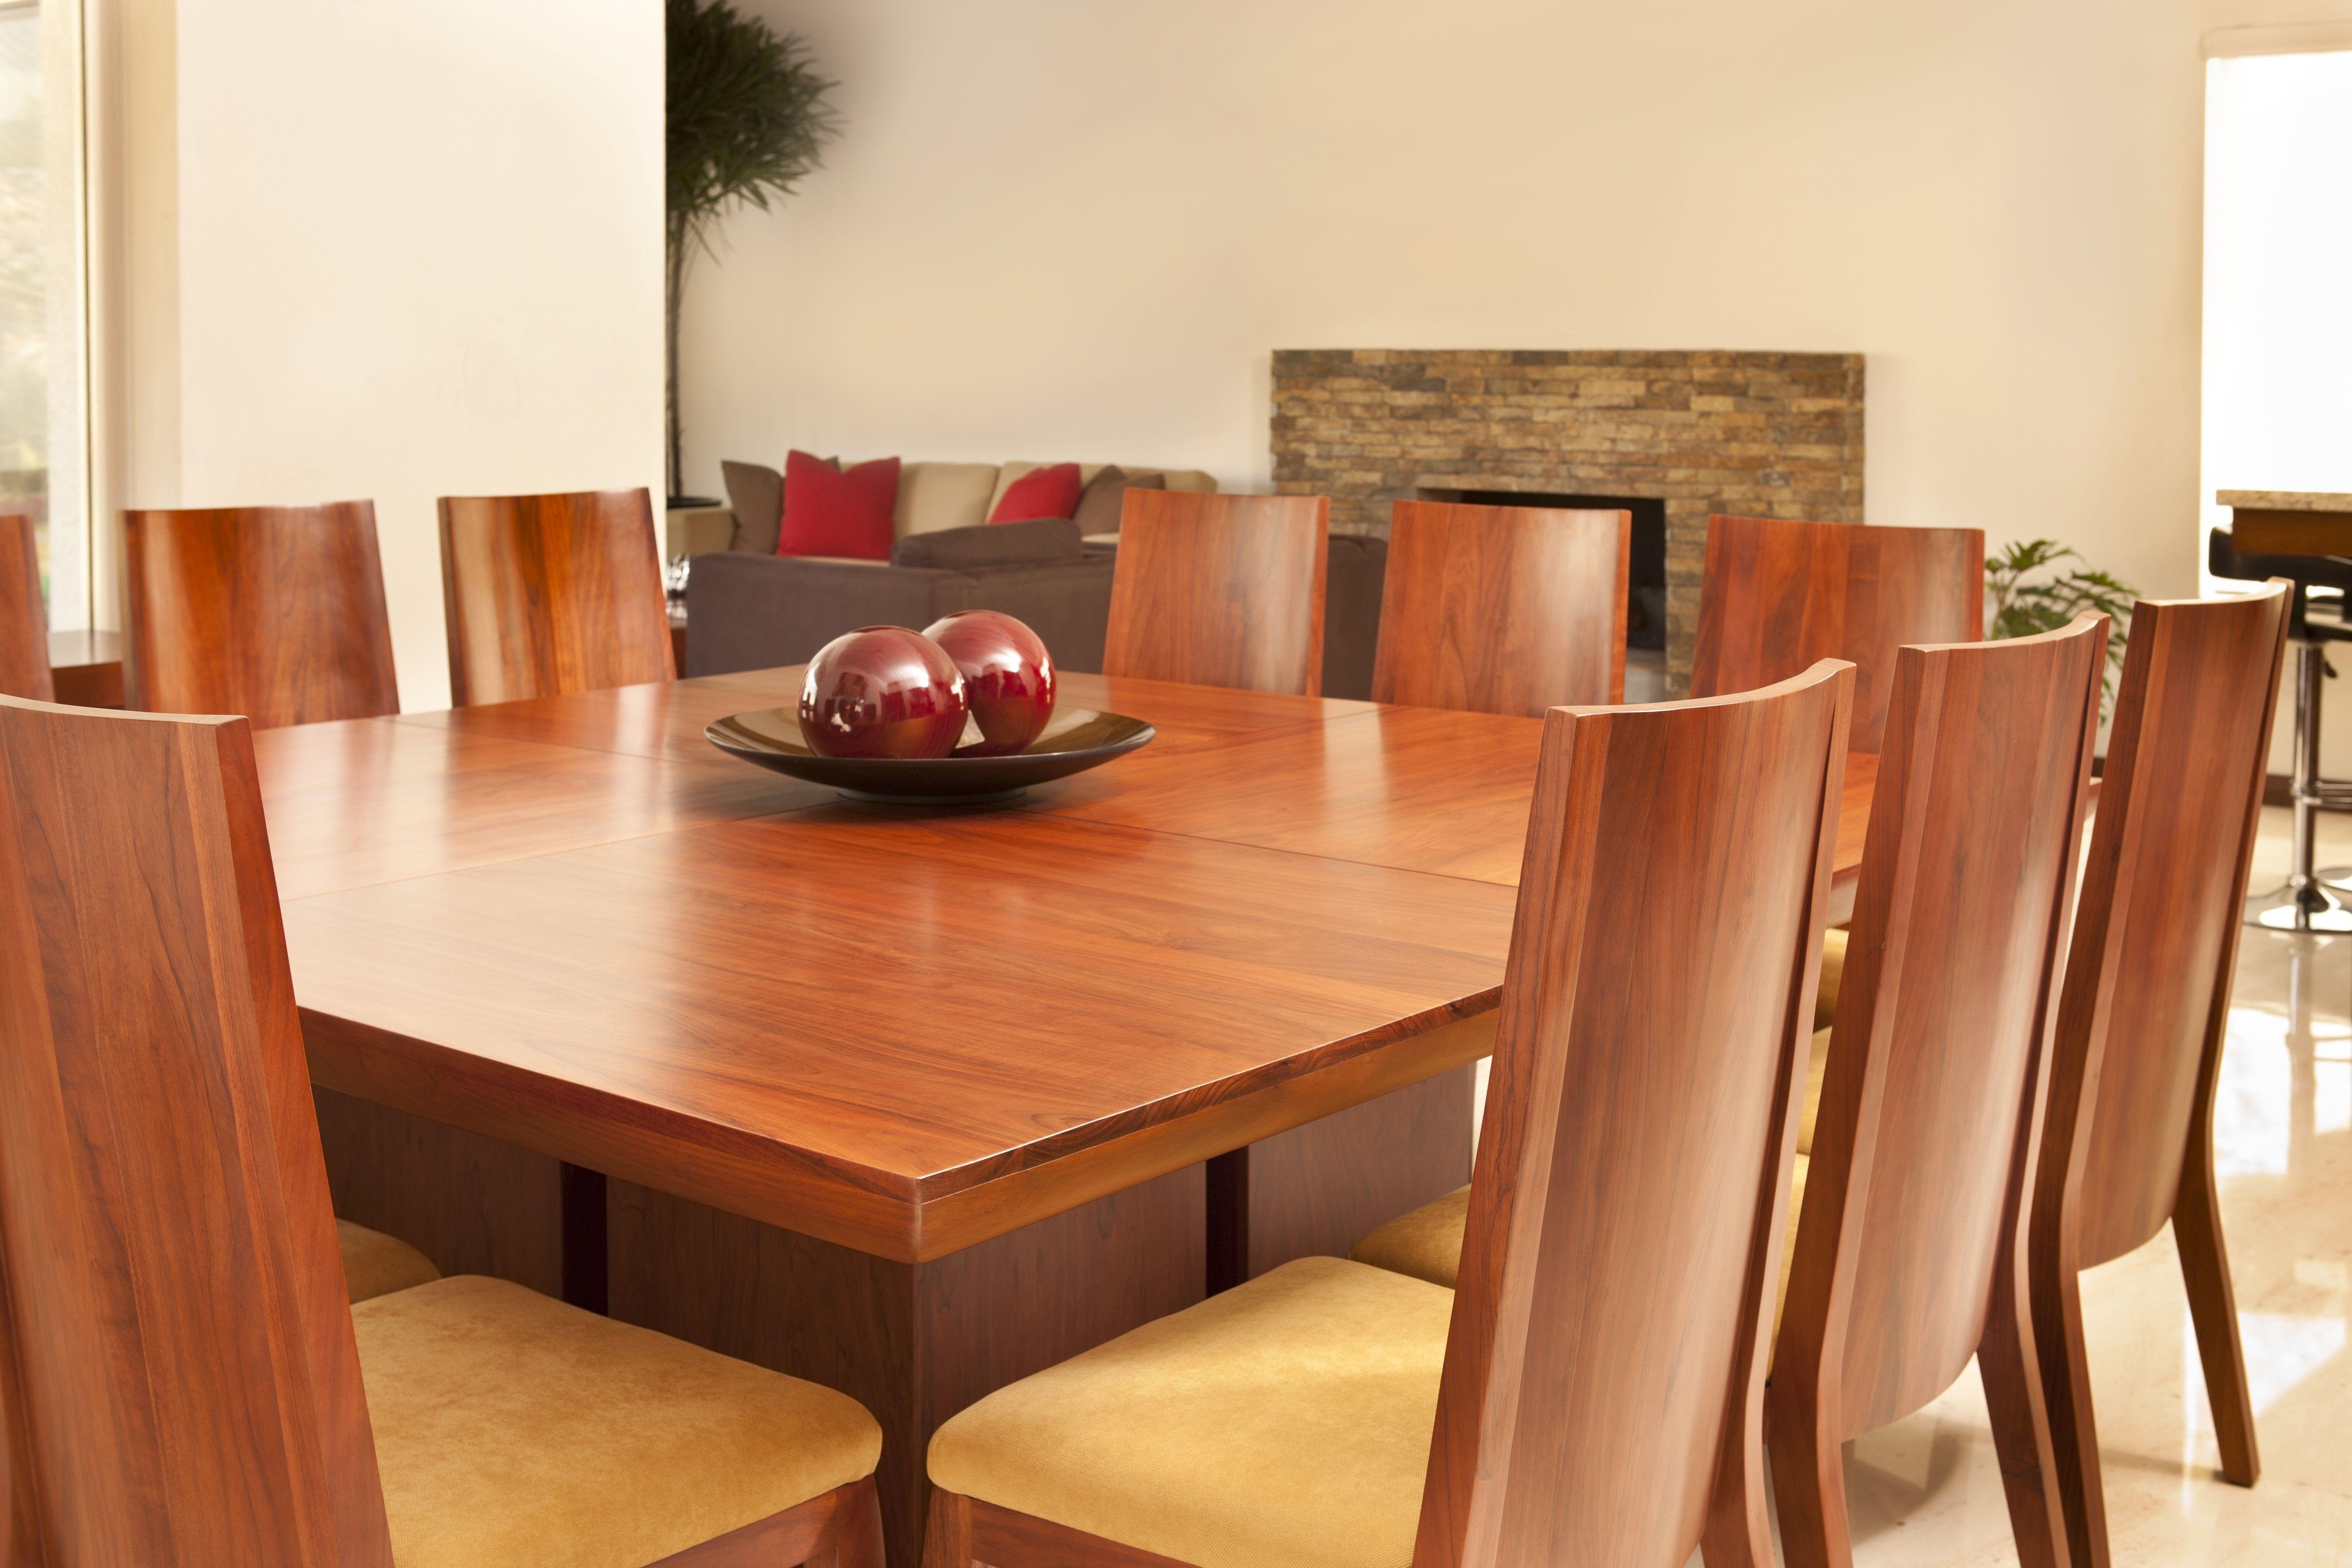 Servicio De Recogida De Muebles : Recogida de muebles ropa y electrodomésticos productos